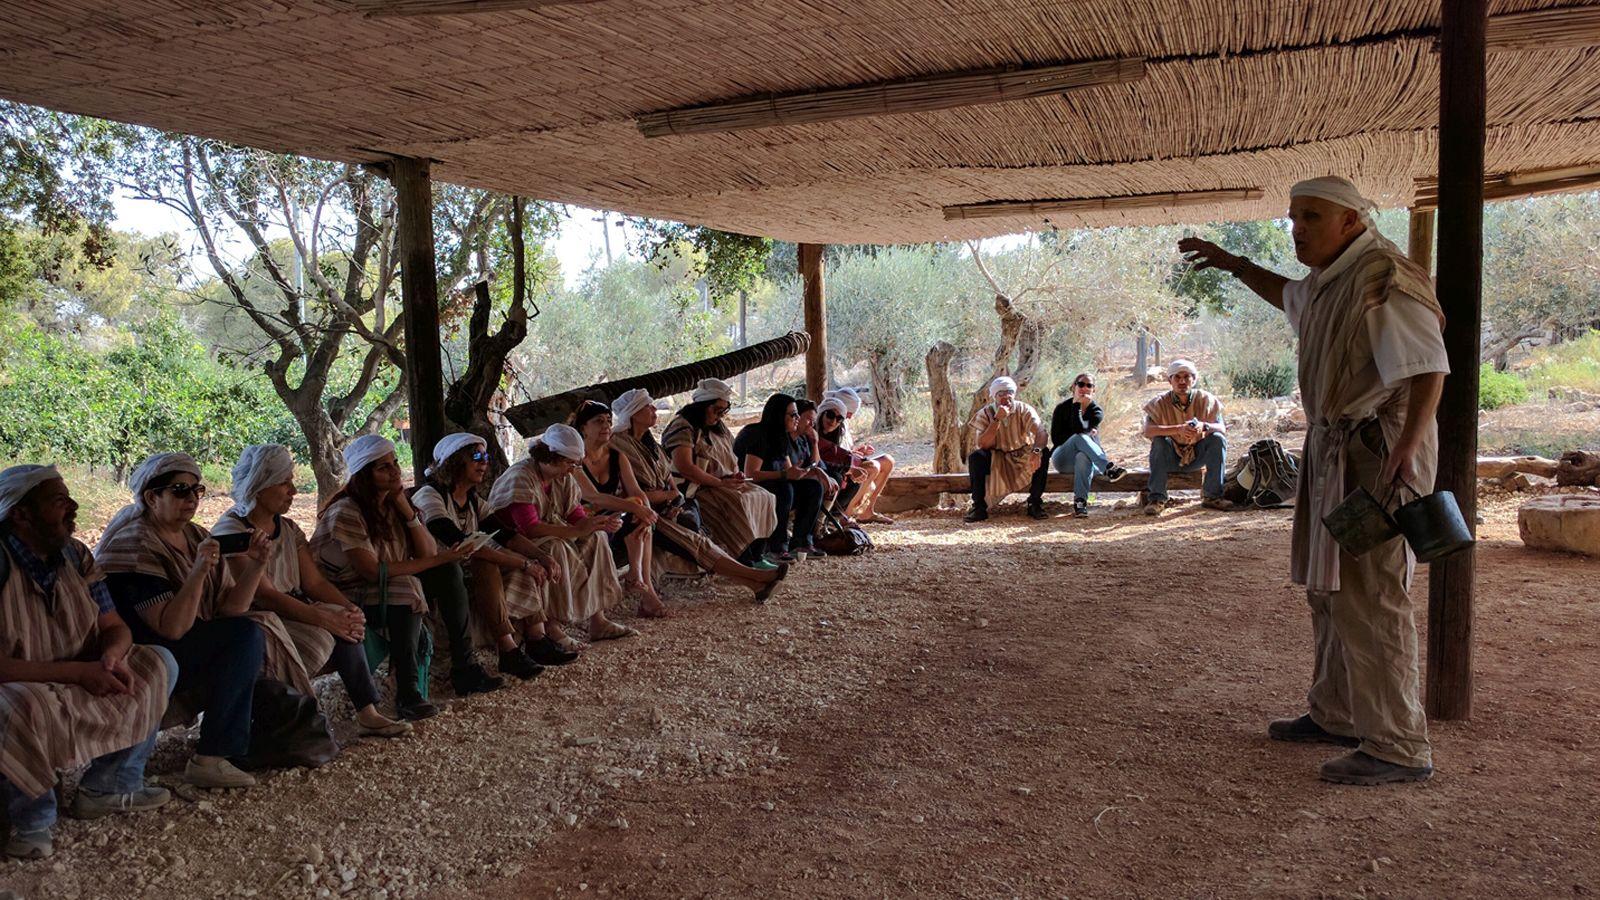 Menachem Goldberg leading a tour group at Kfar Kedem. Photo by Viva Sarah Press